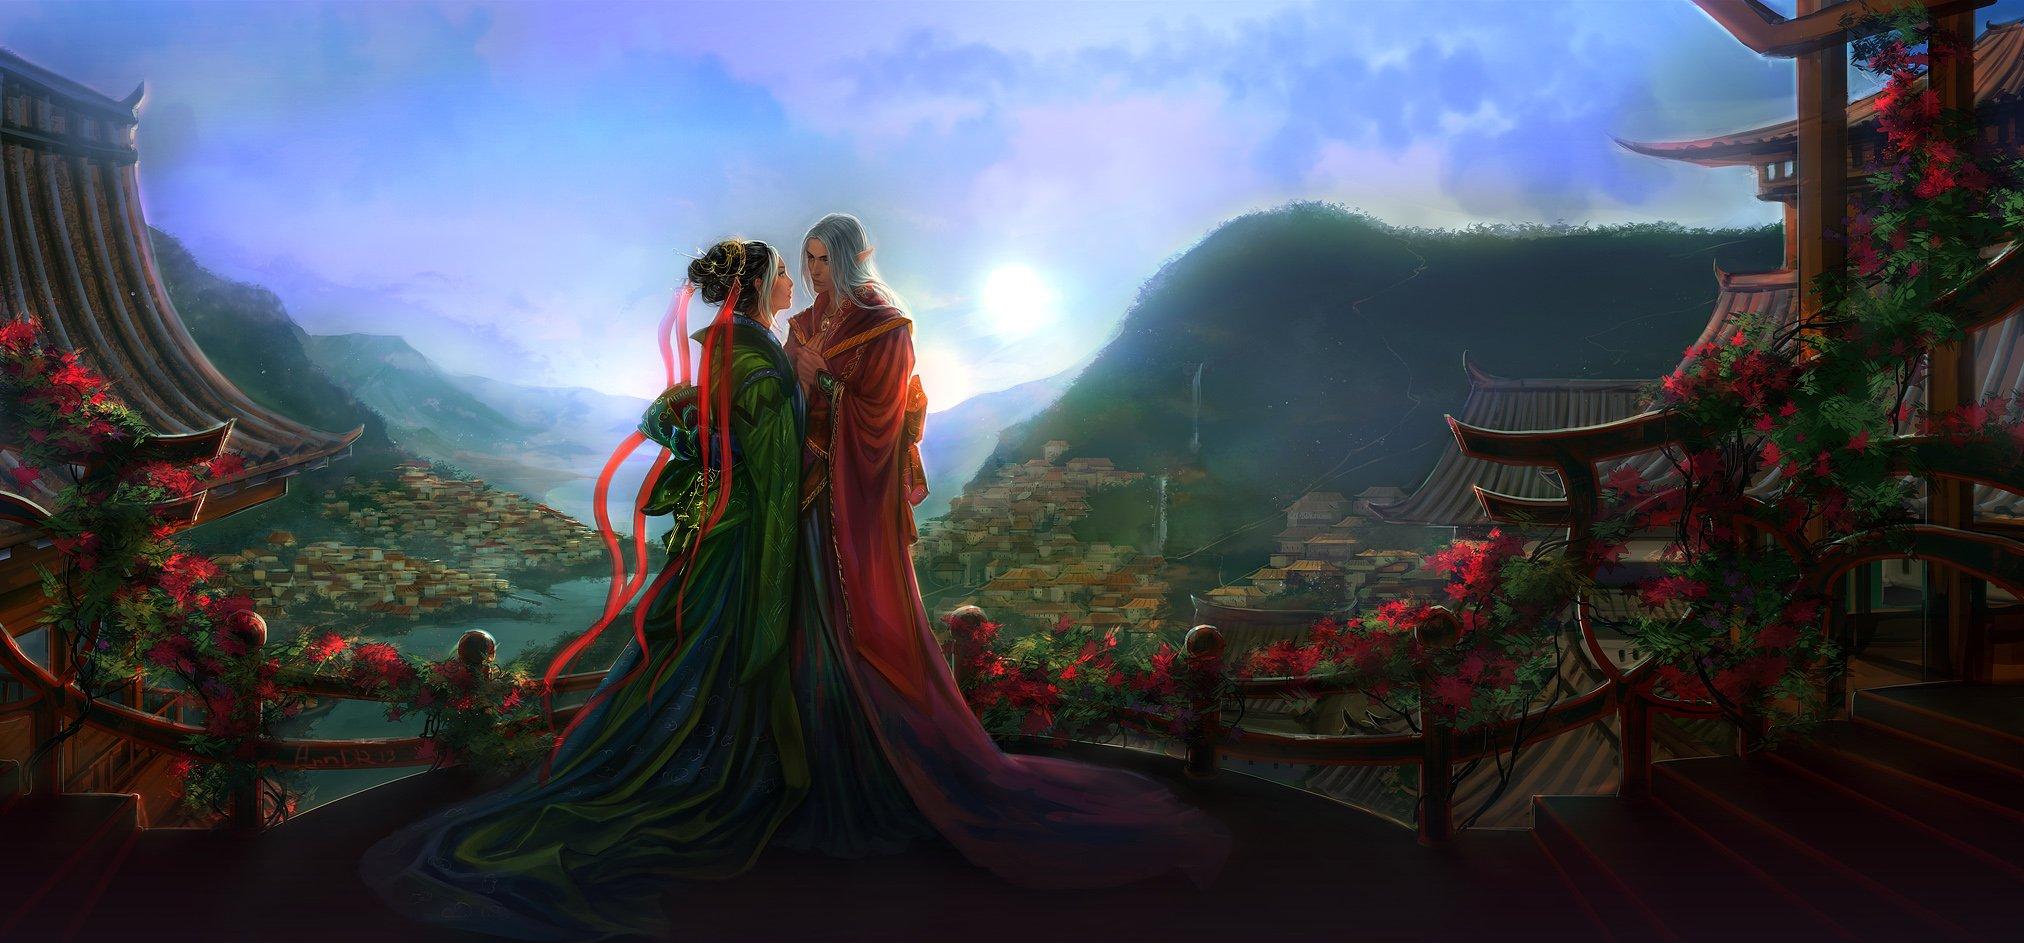 Fantasy Love Wallpaper Background : Fantasy love couple kimono elf landscape wallpaper 2024x943 610444 WallpaperUP